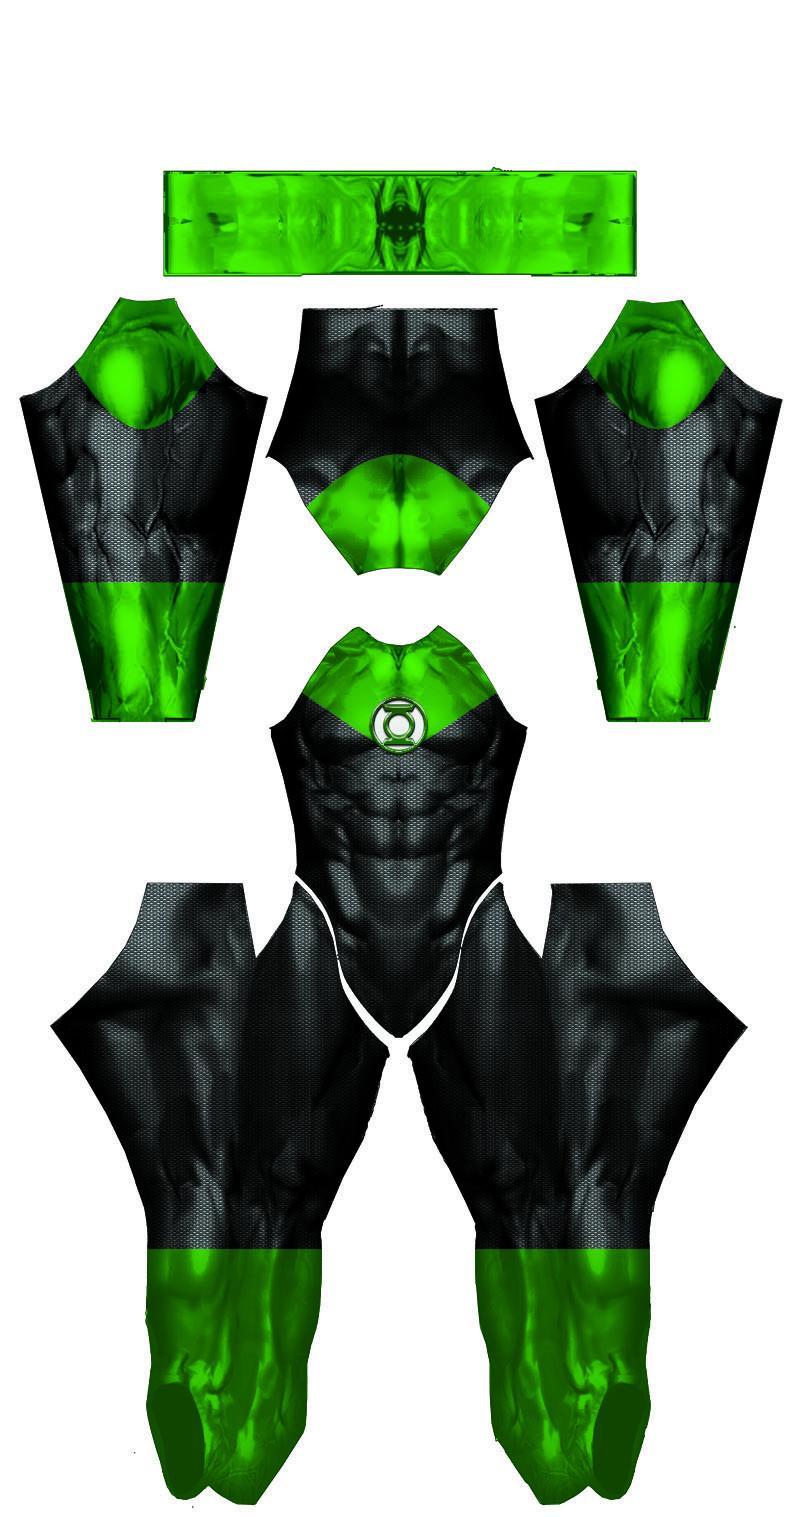 Jon Stewart Green Lantern Dye-Sub Pattern